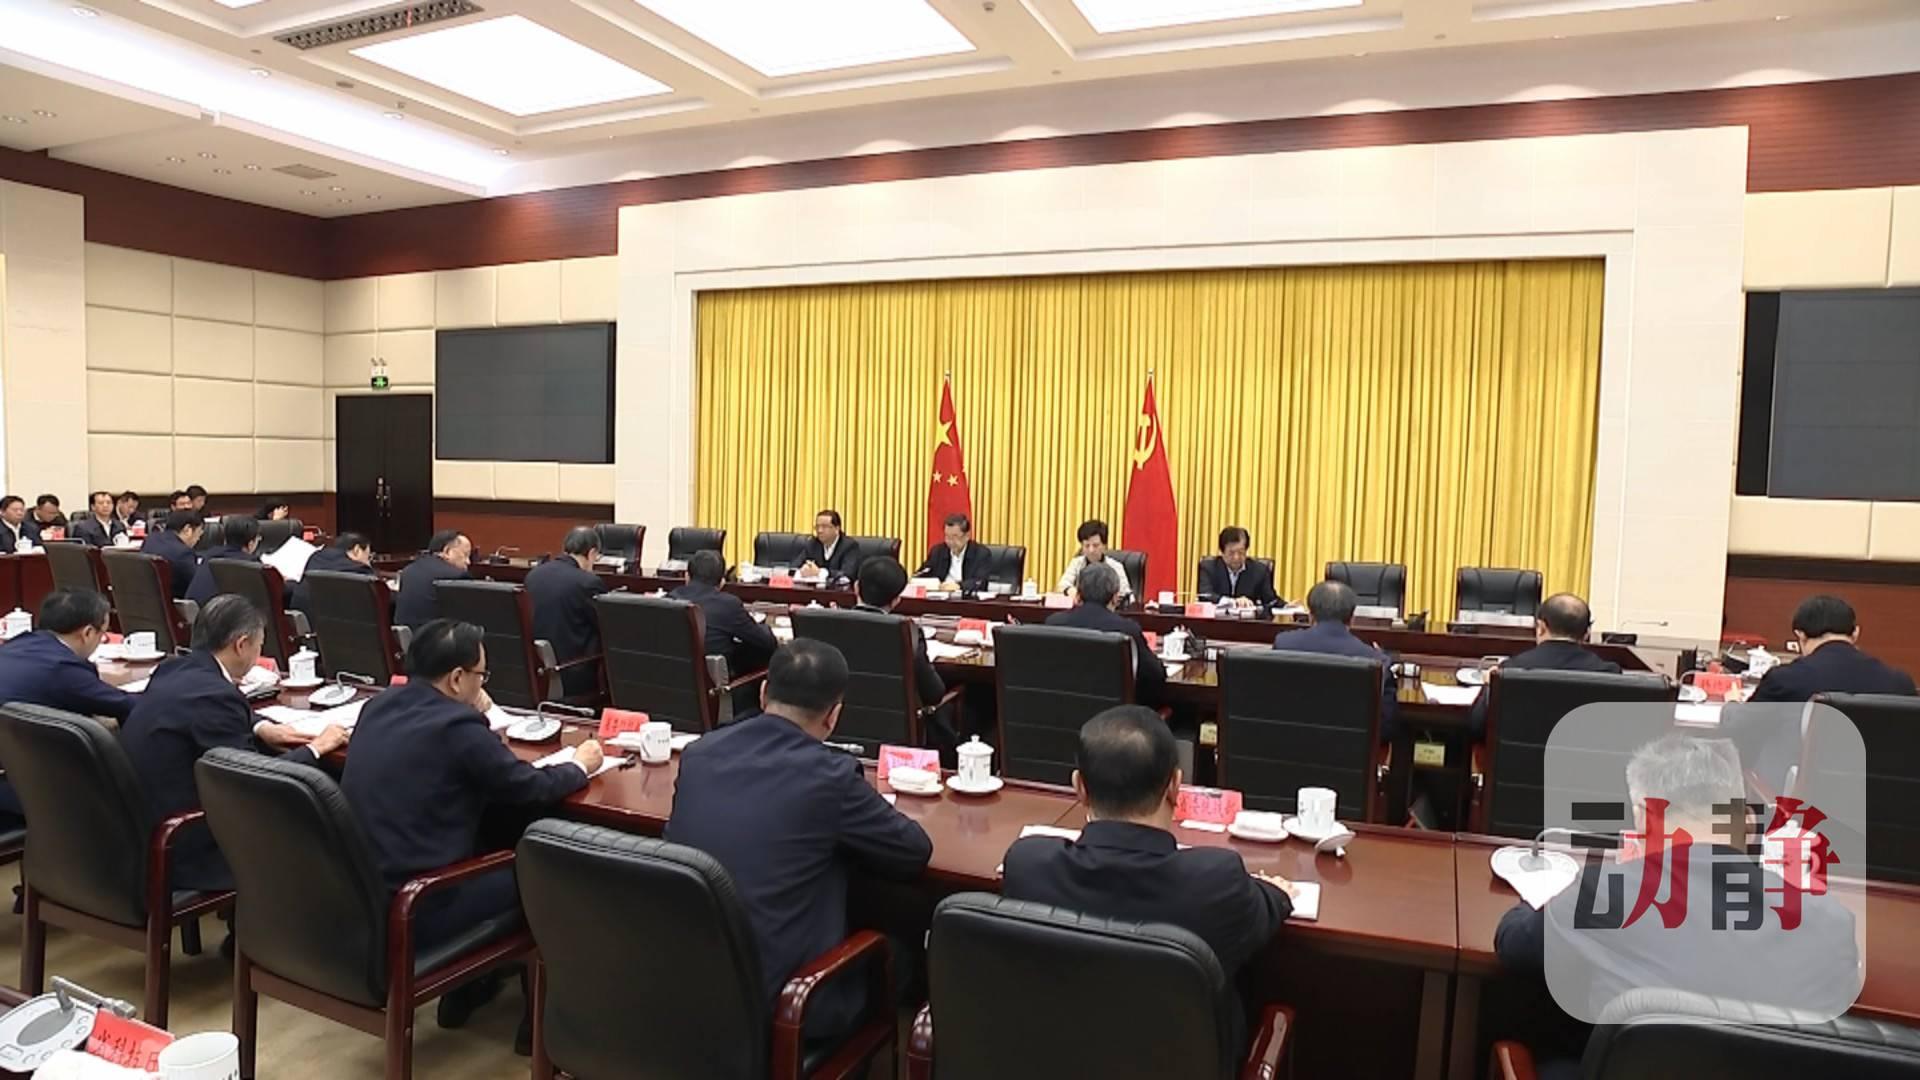 11月19日《贵州新闻联播》 将关注这些内容